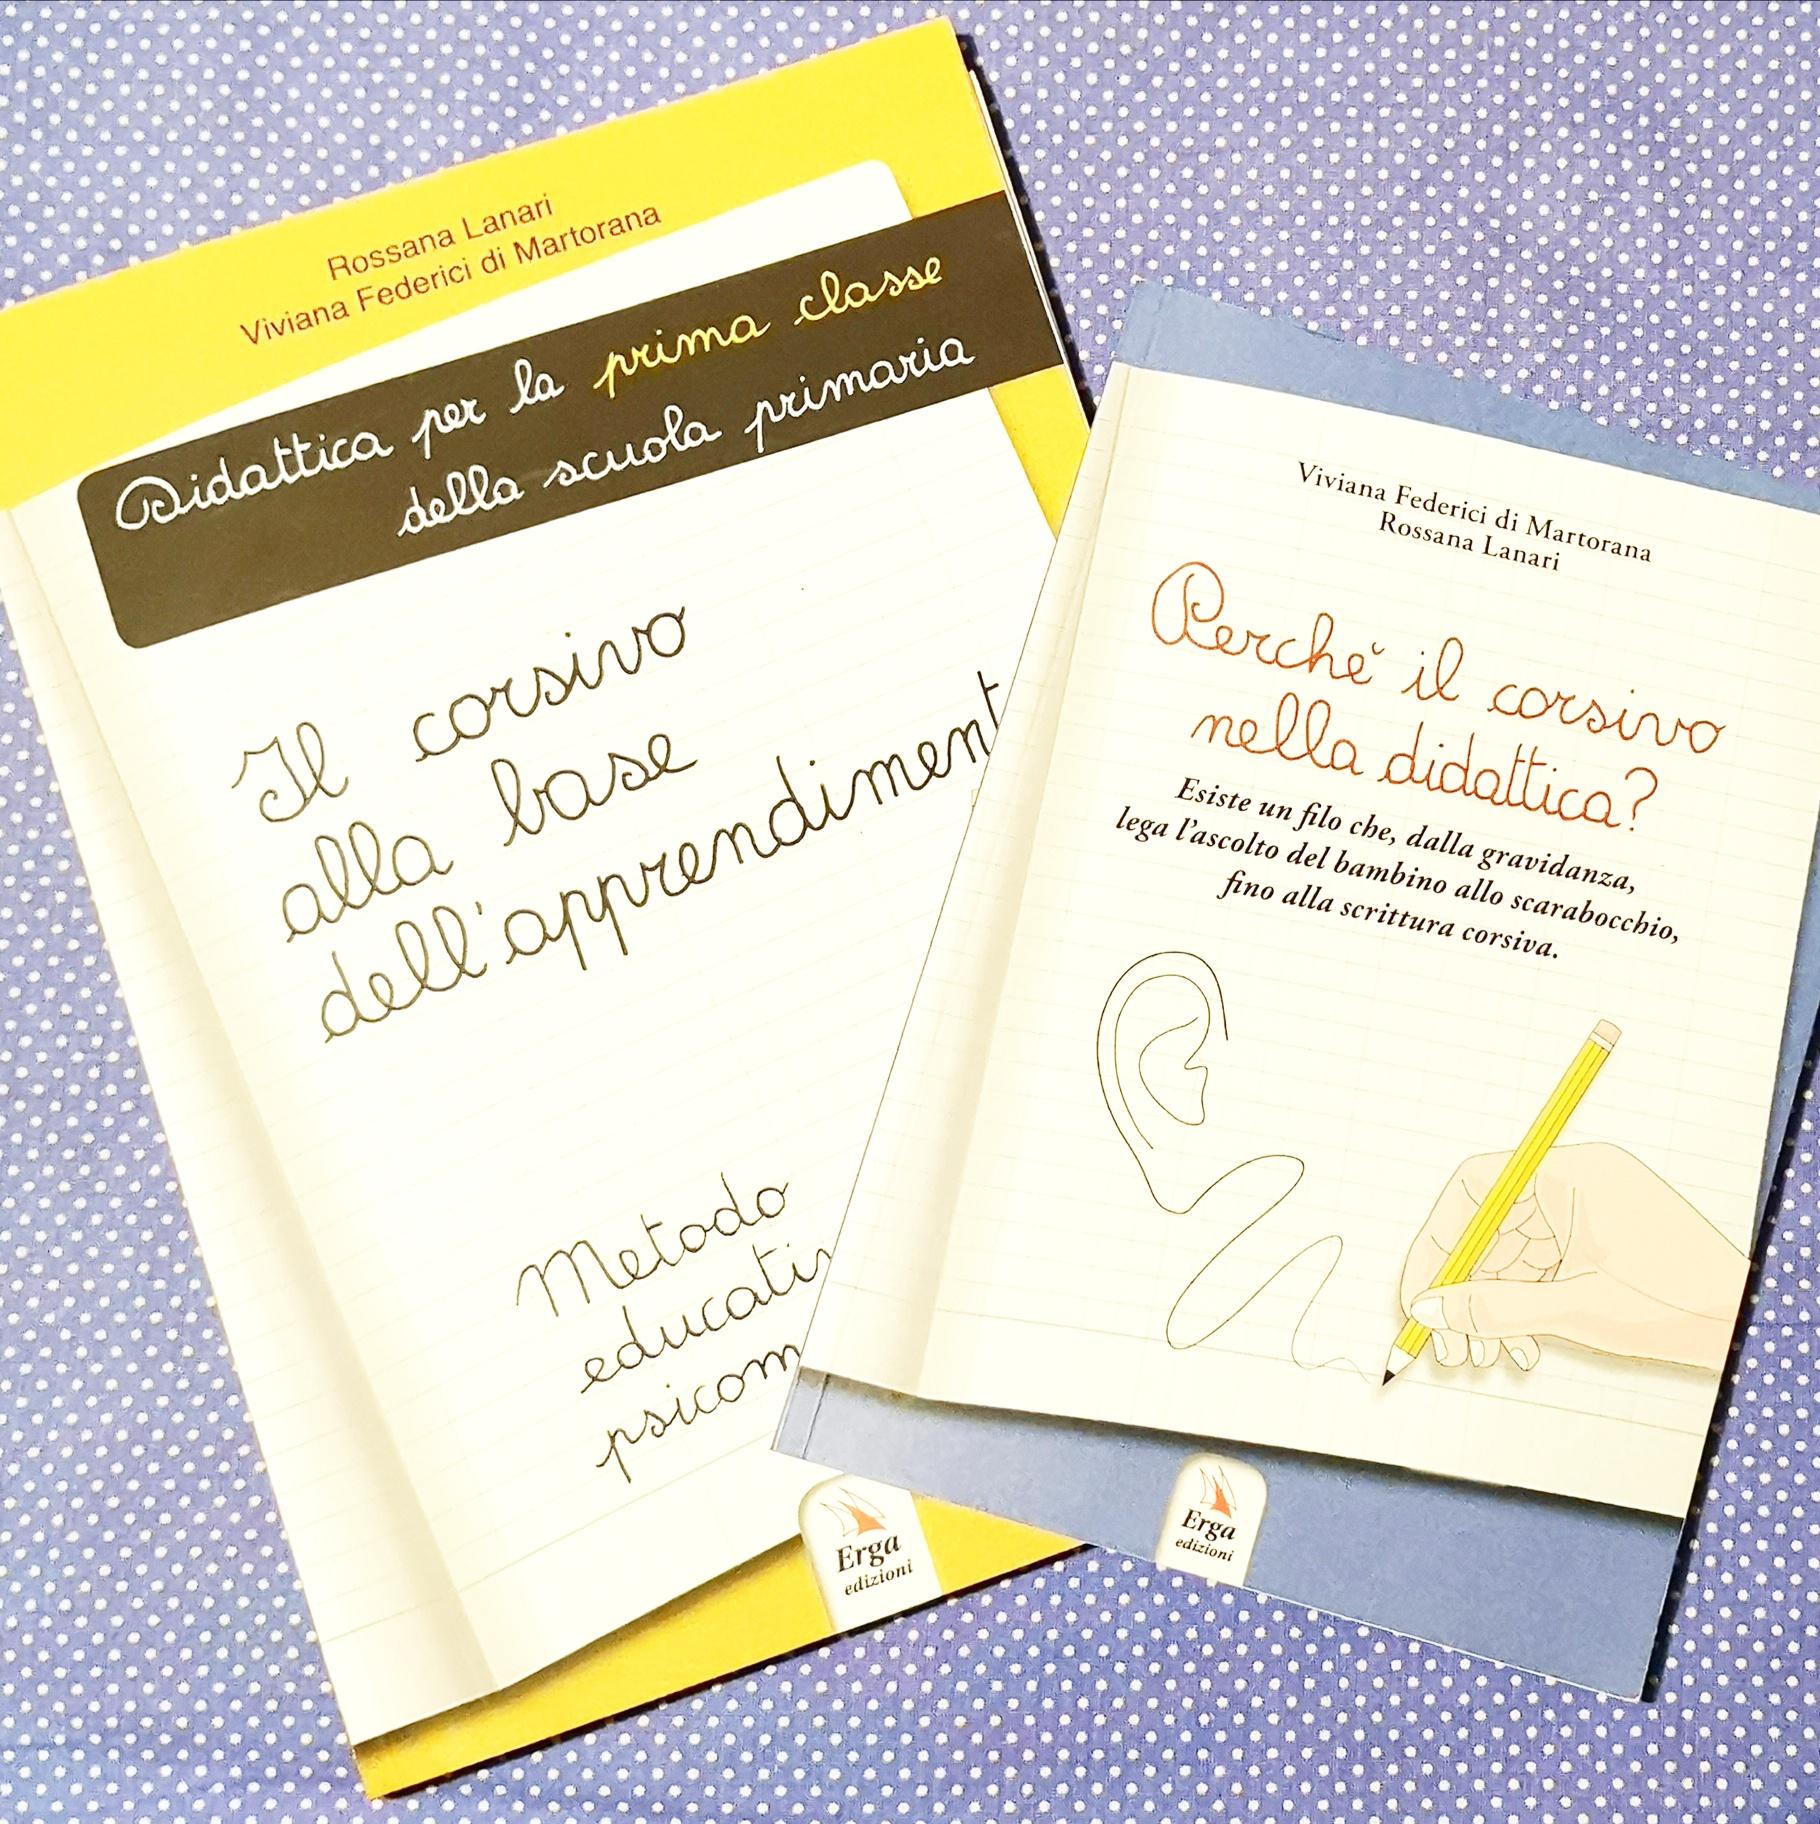 Metodo educativo psicomotorio : imparare a scrivere in corsivo